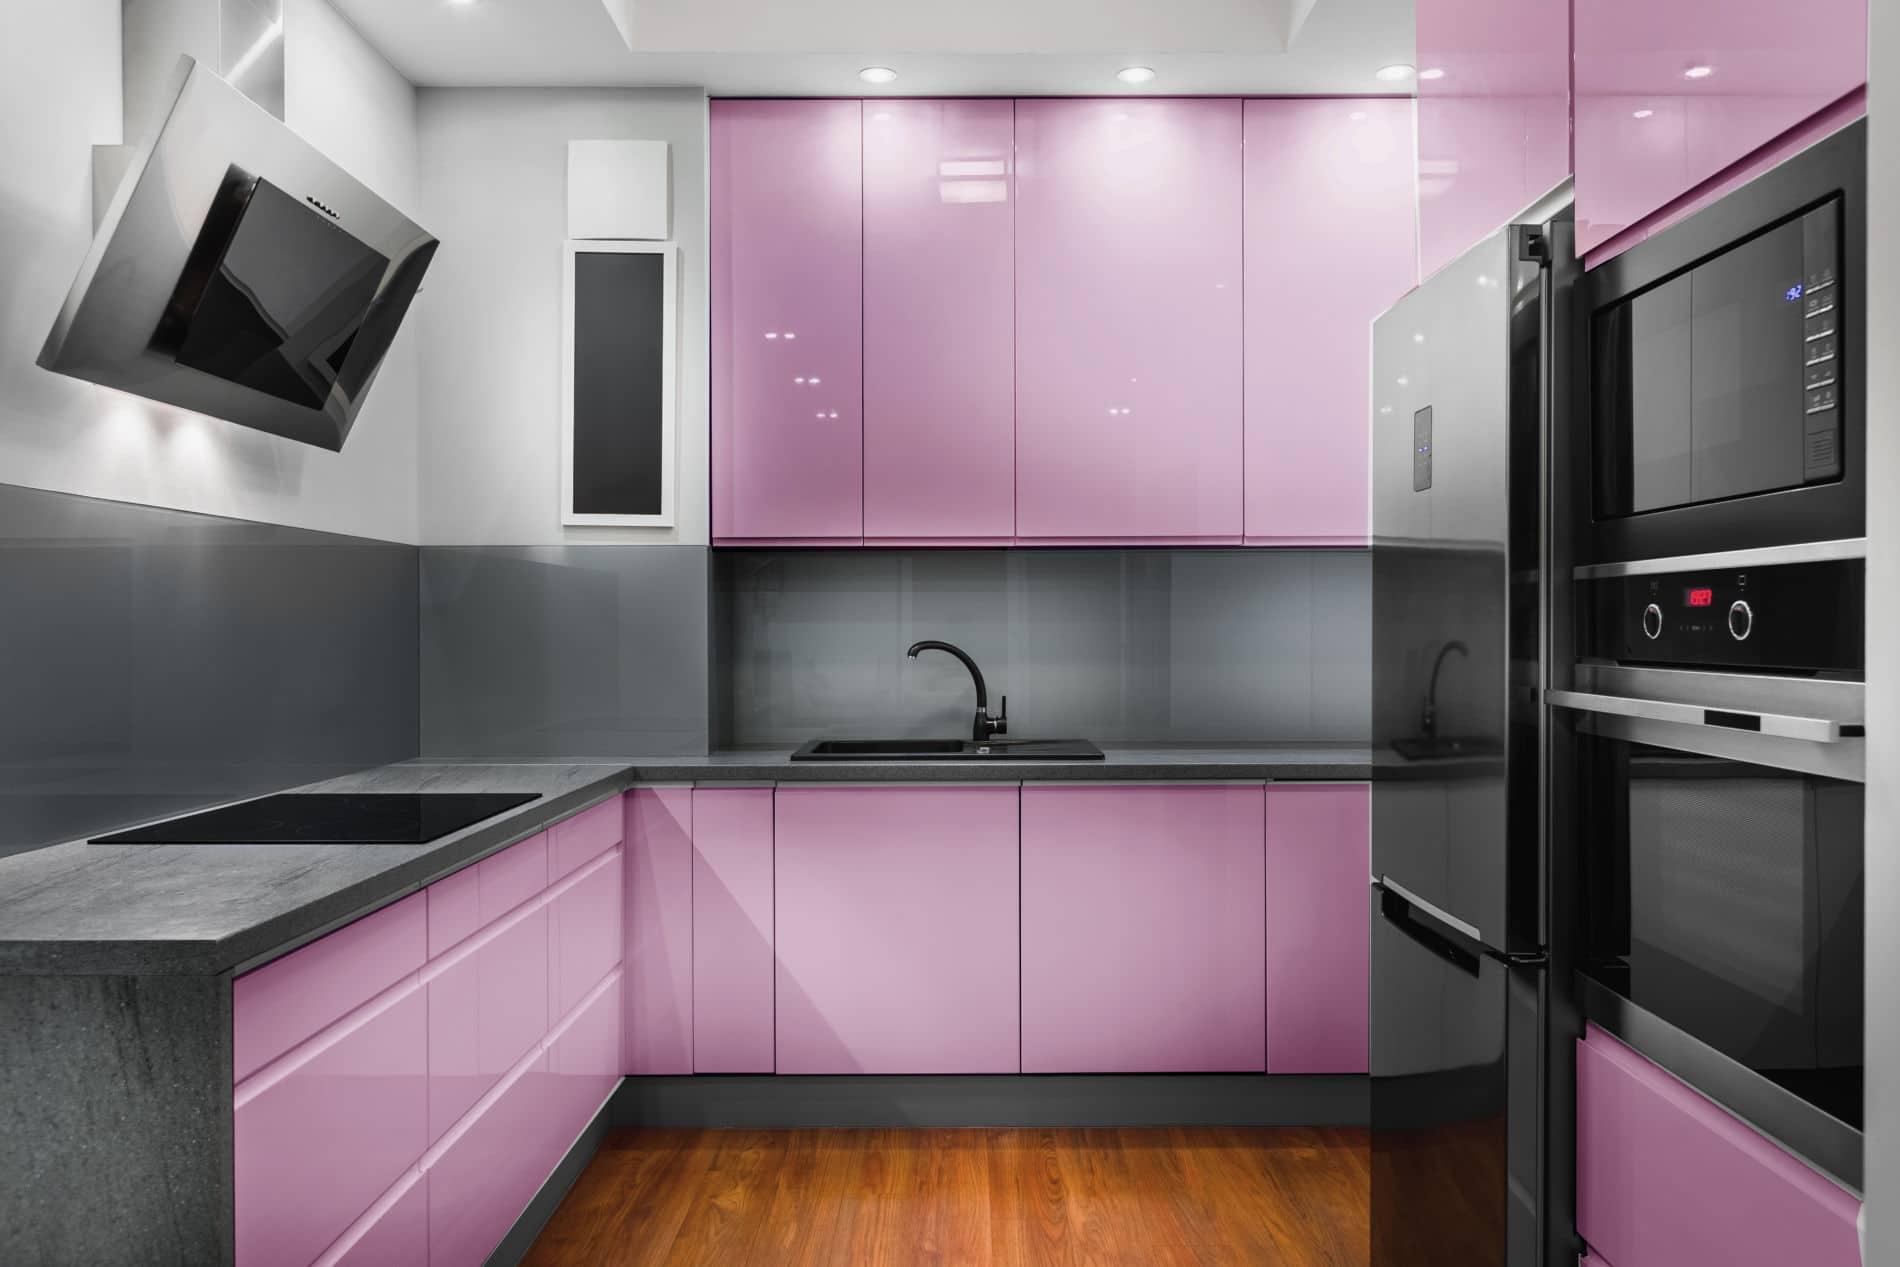 מטבחים מעץ מעצבי השיש במטבחים מקצוענים עם הרבה וותק שיודעים לבנות ולהתאים מטבחים תוך כדי אפיון דרישות הלקוח ומסירת המטבח